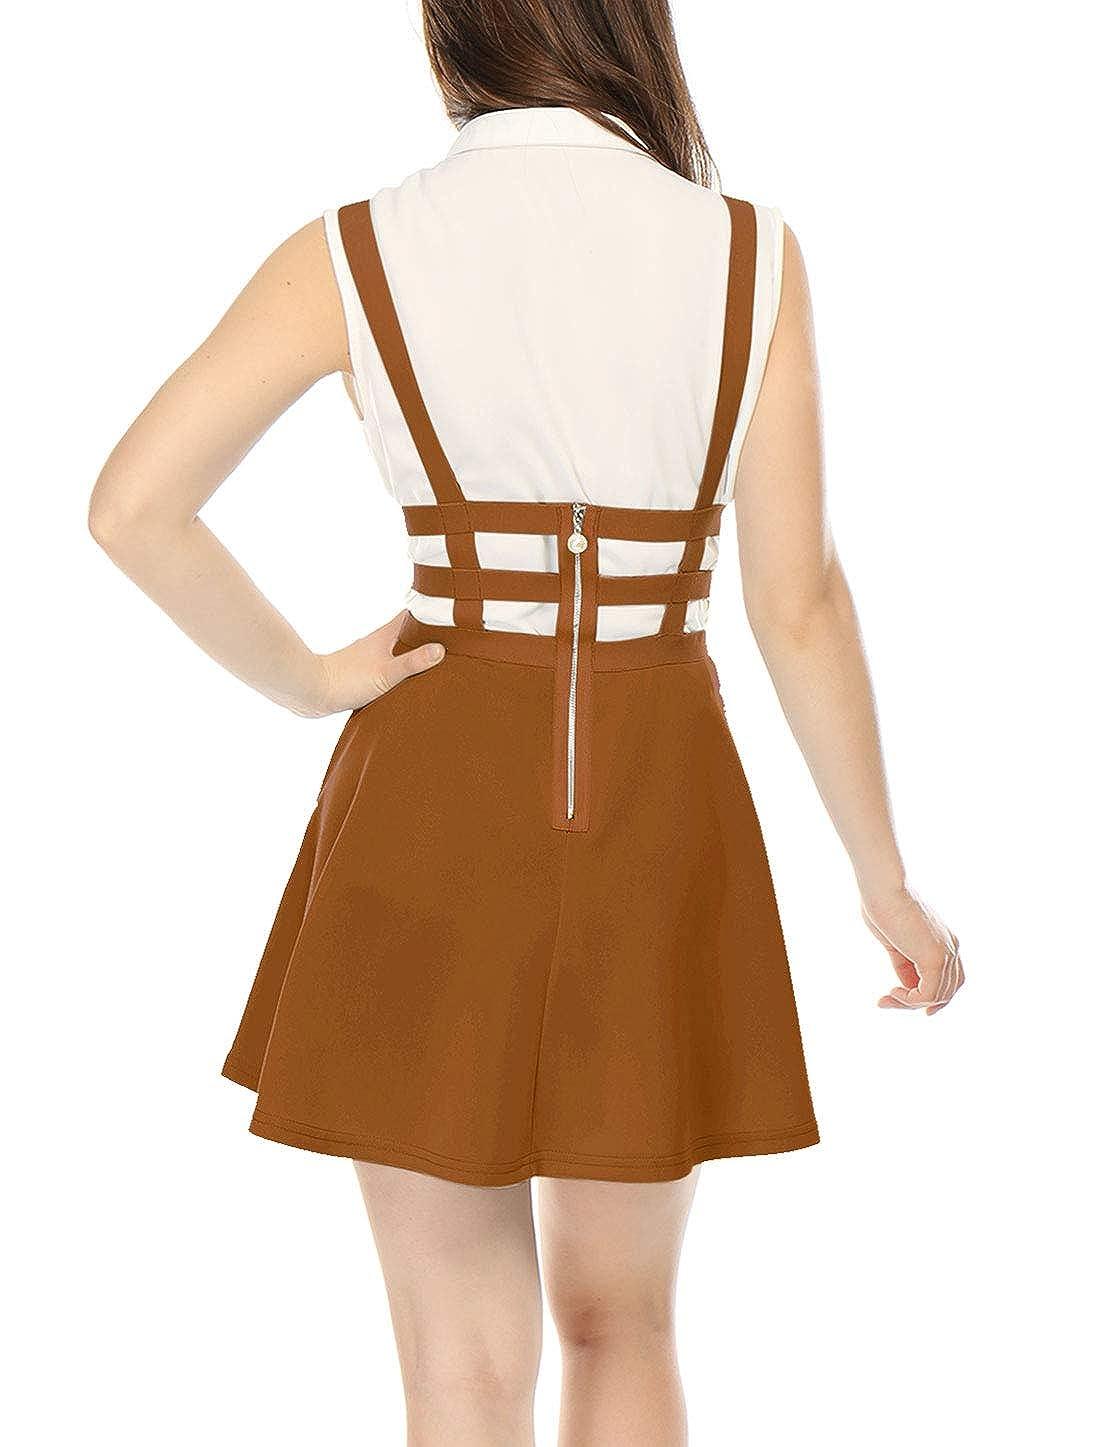 Beakgo Femme Jupe de jarretelle /à Taille /élastique avec Bretelles Courte Pliss/ée Jupe Mode Mini Casual Jupe Patineuse avec Sling Robe